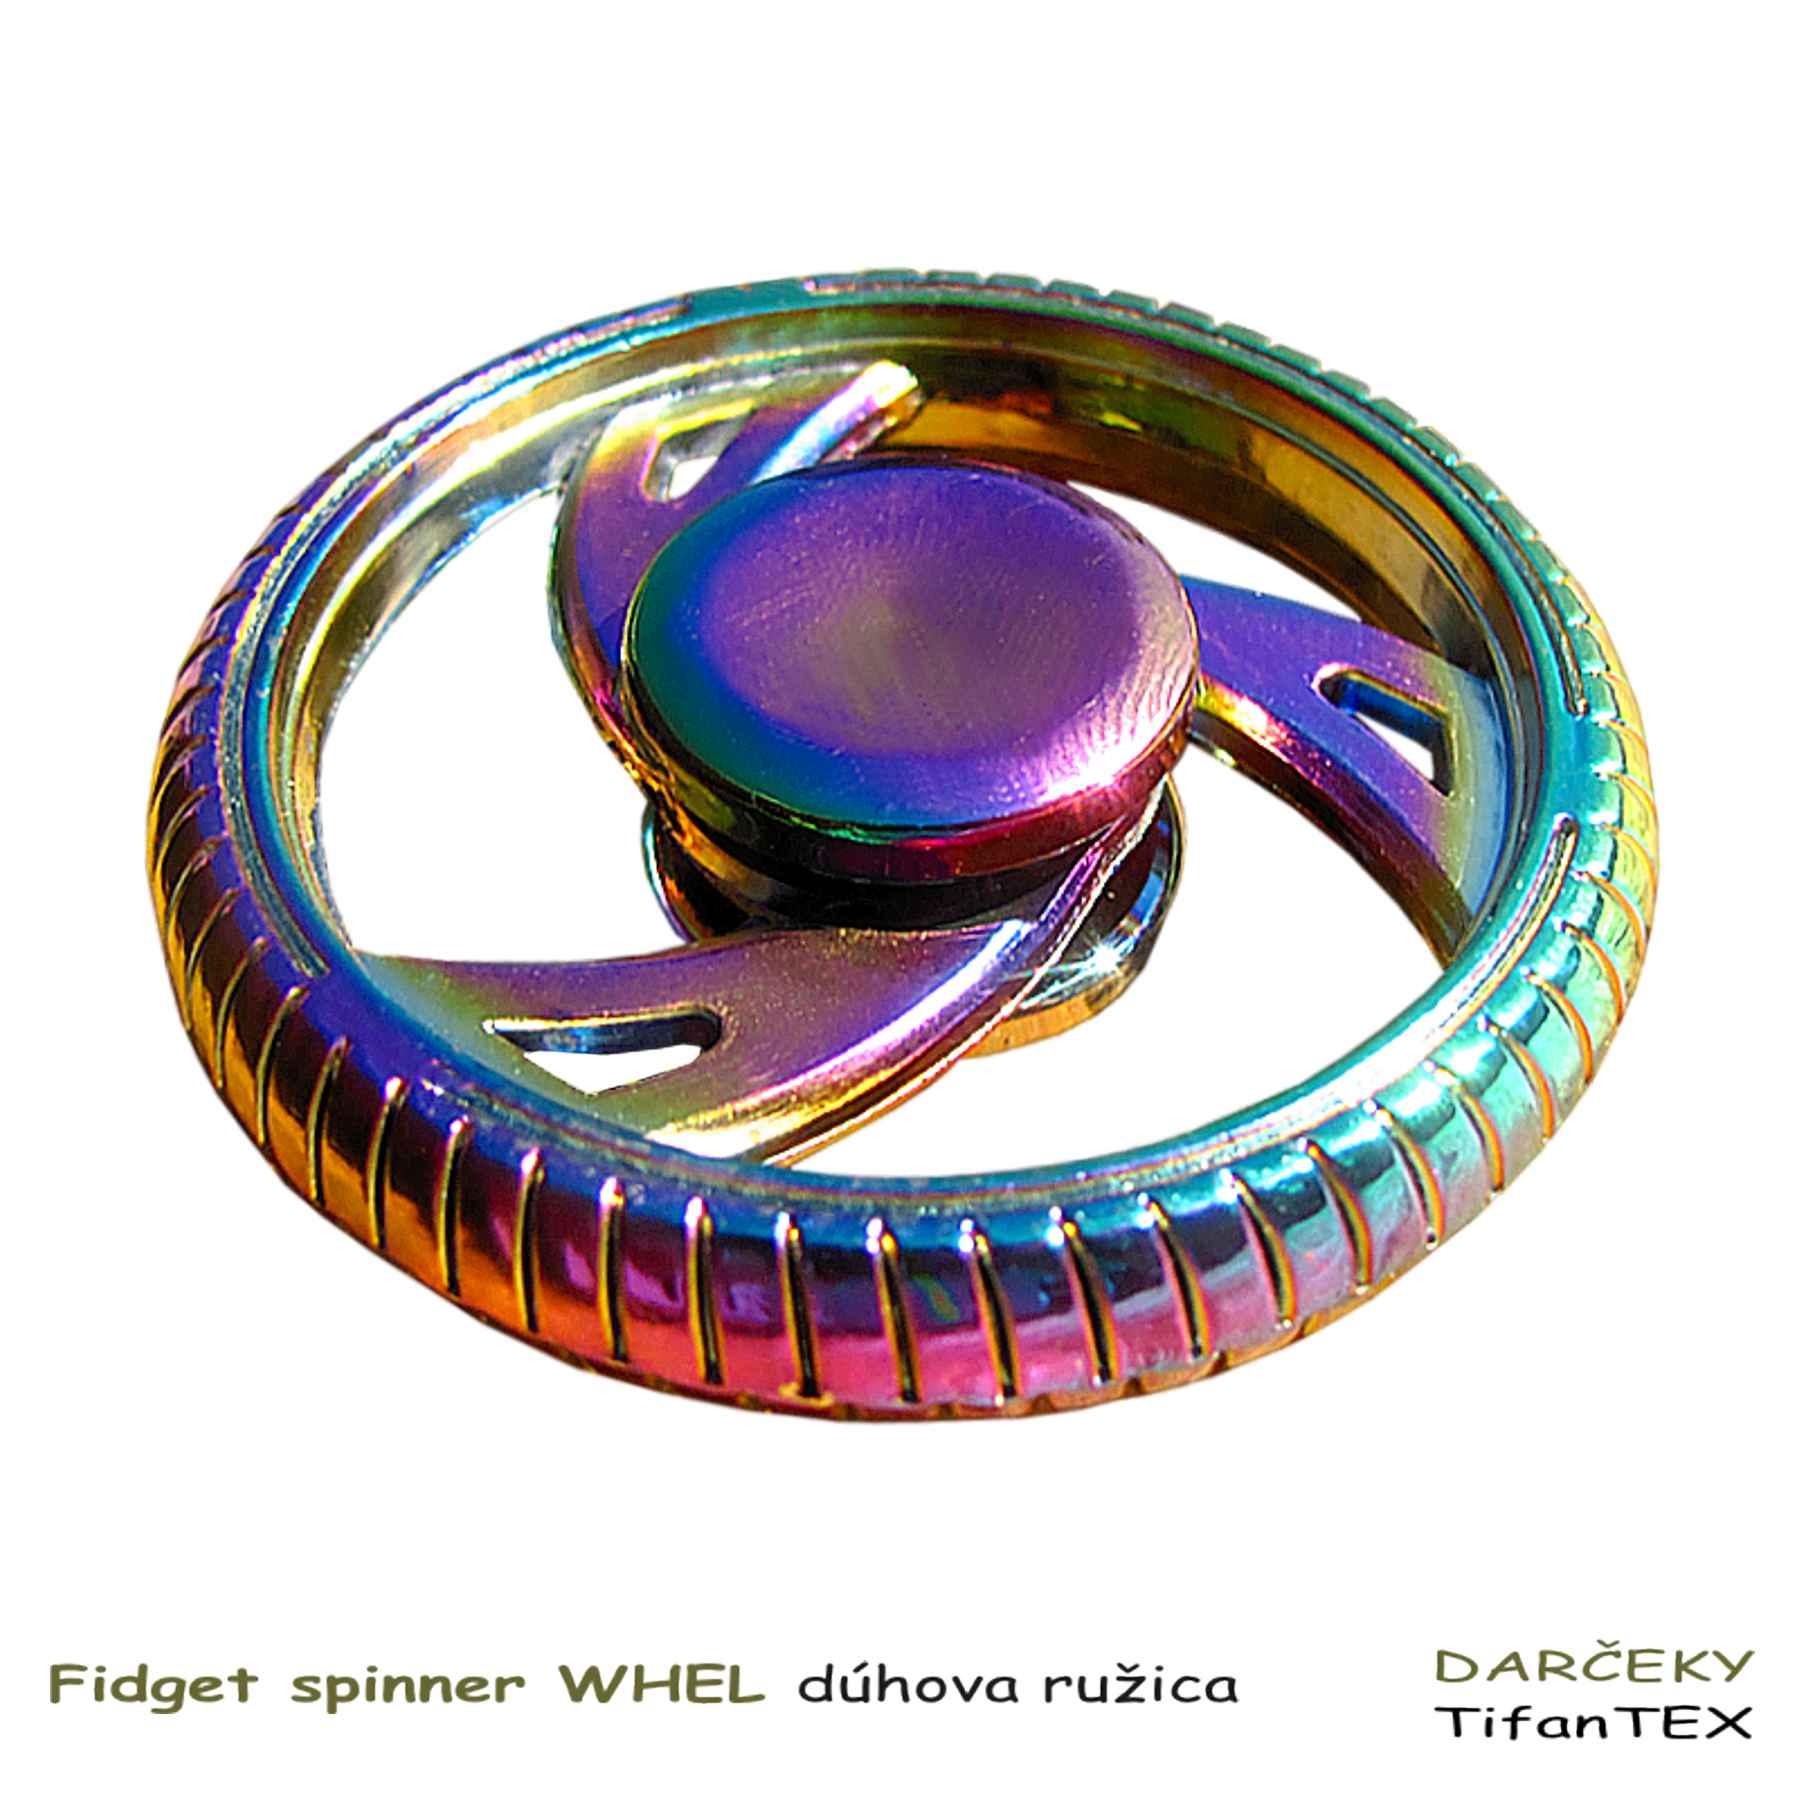 fidget spinner sk